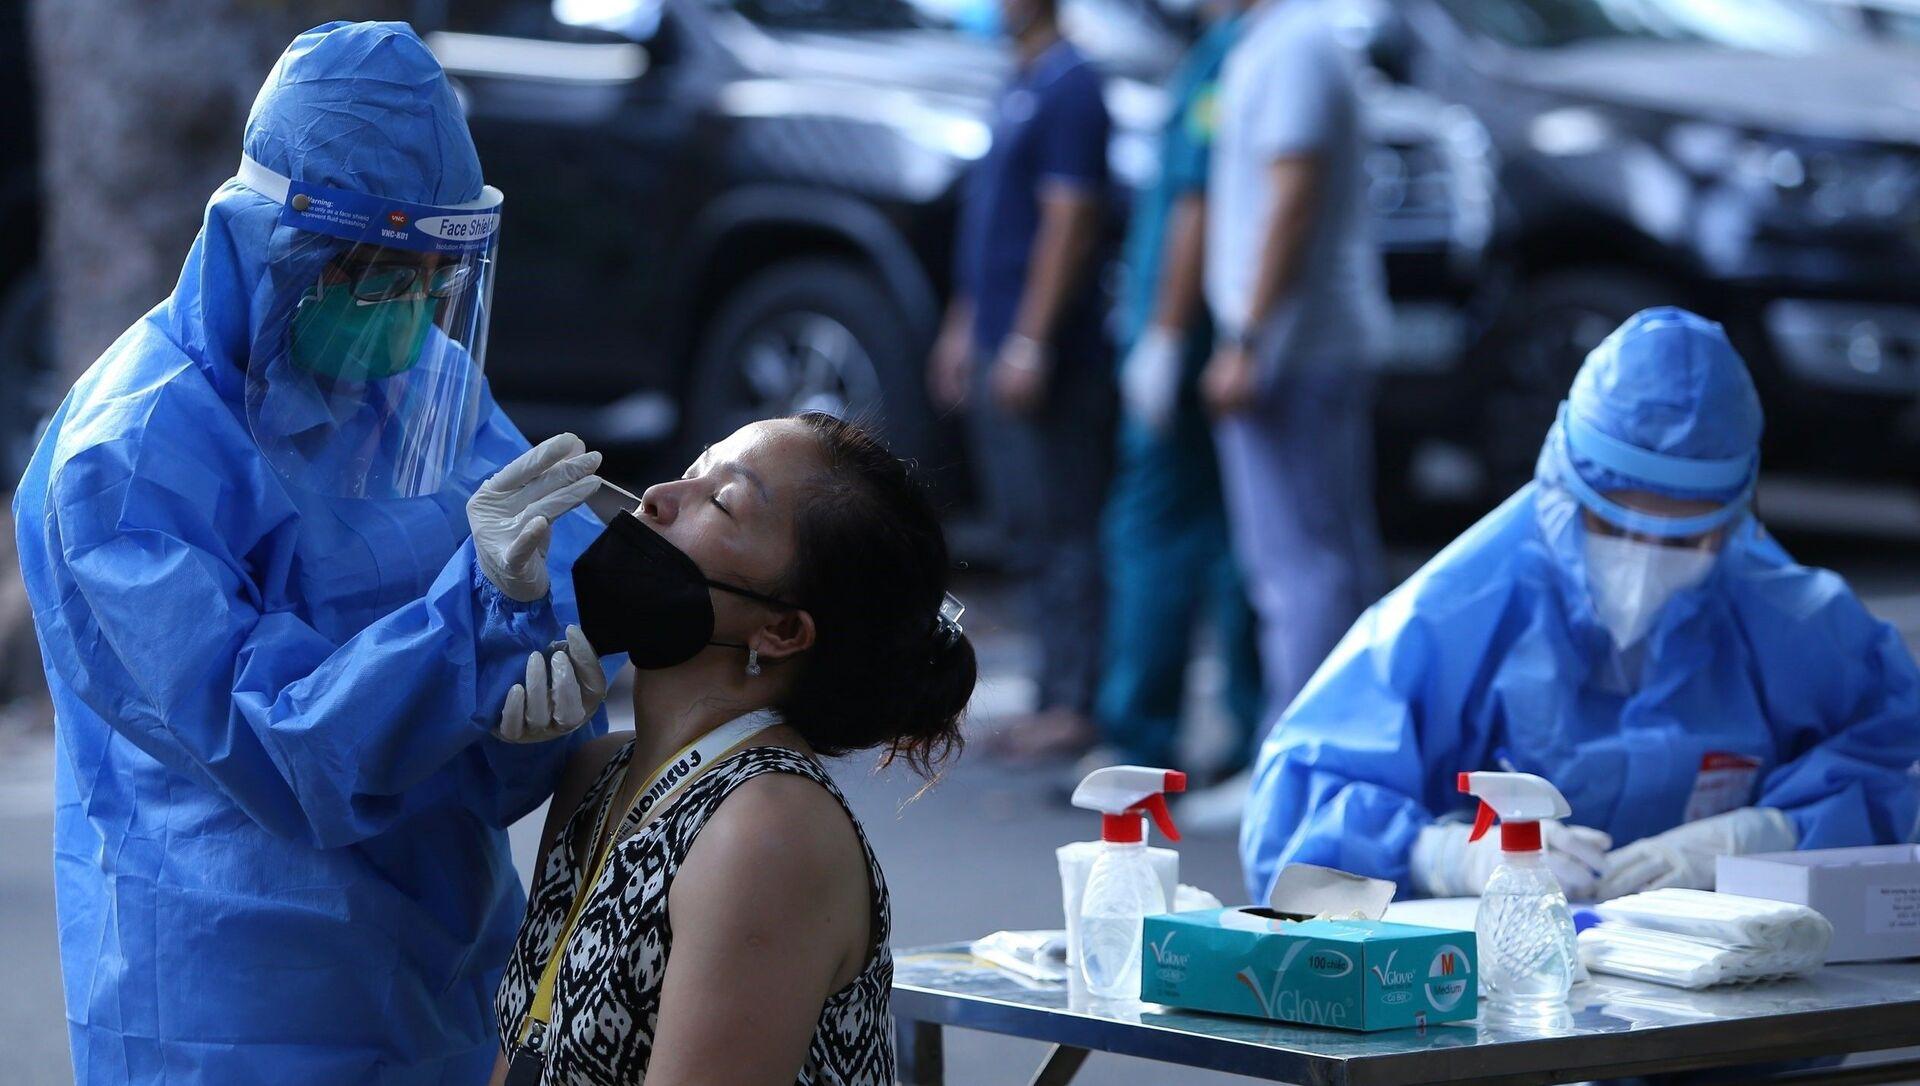 Nhân viên y tế phường Hàng Trống(Hoàn Kiếm) lấy mẫu xét nghiệm cho người dân khu vực lân cận Bệnh viện Việt - Đức. - Sputnik Việt Nam, 1920, 02.10.2021